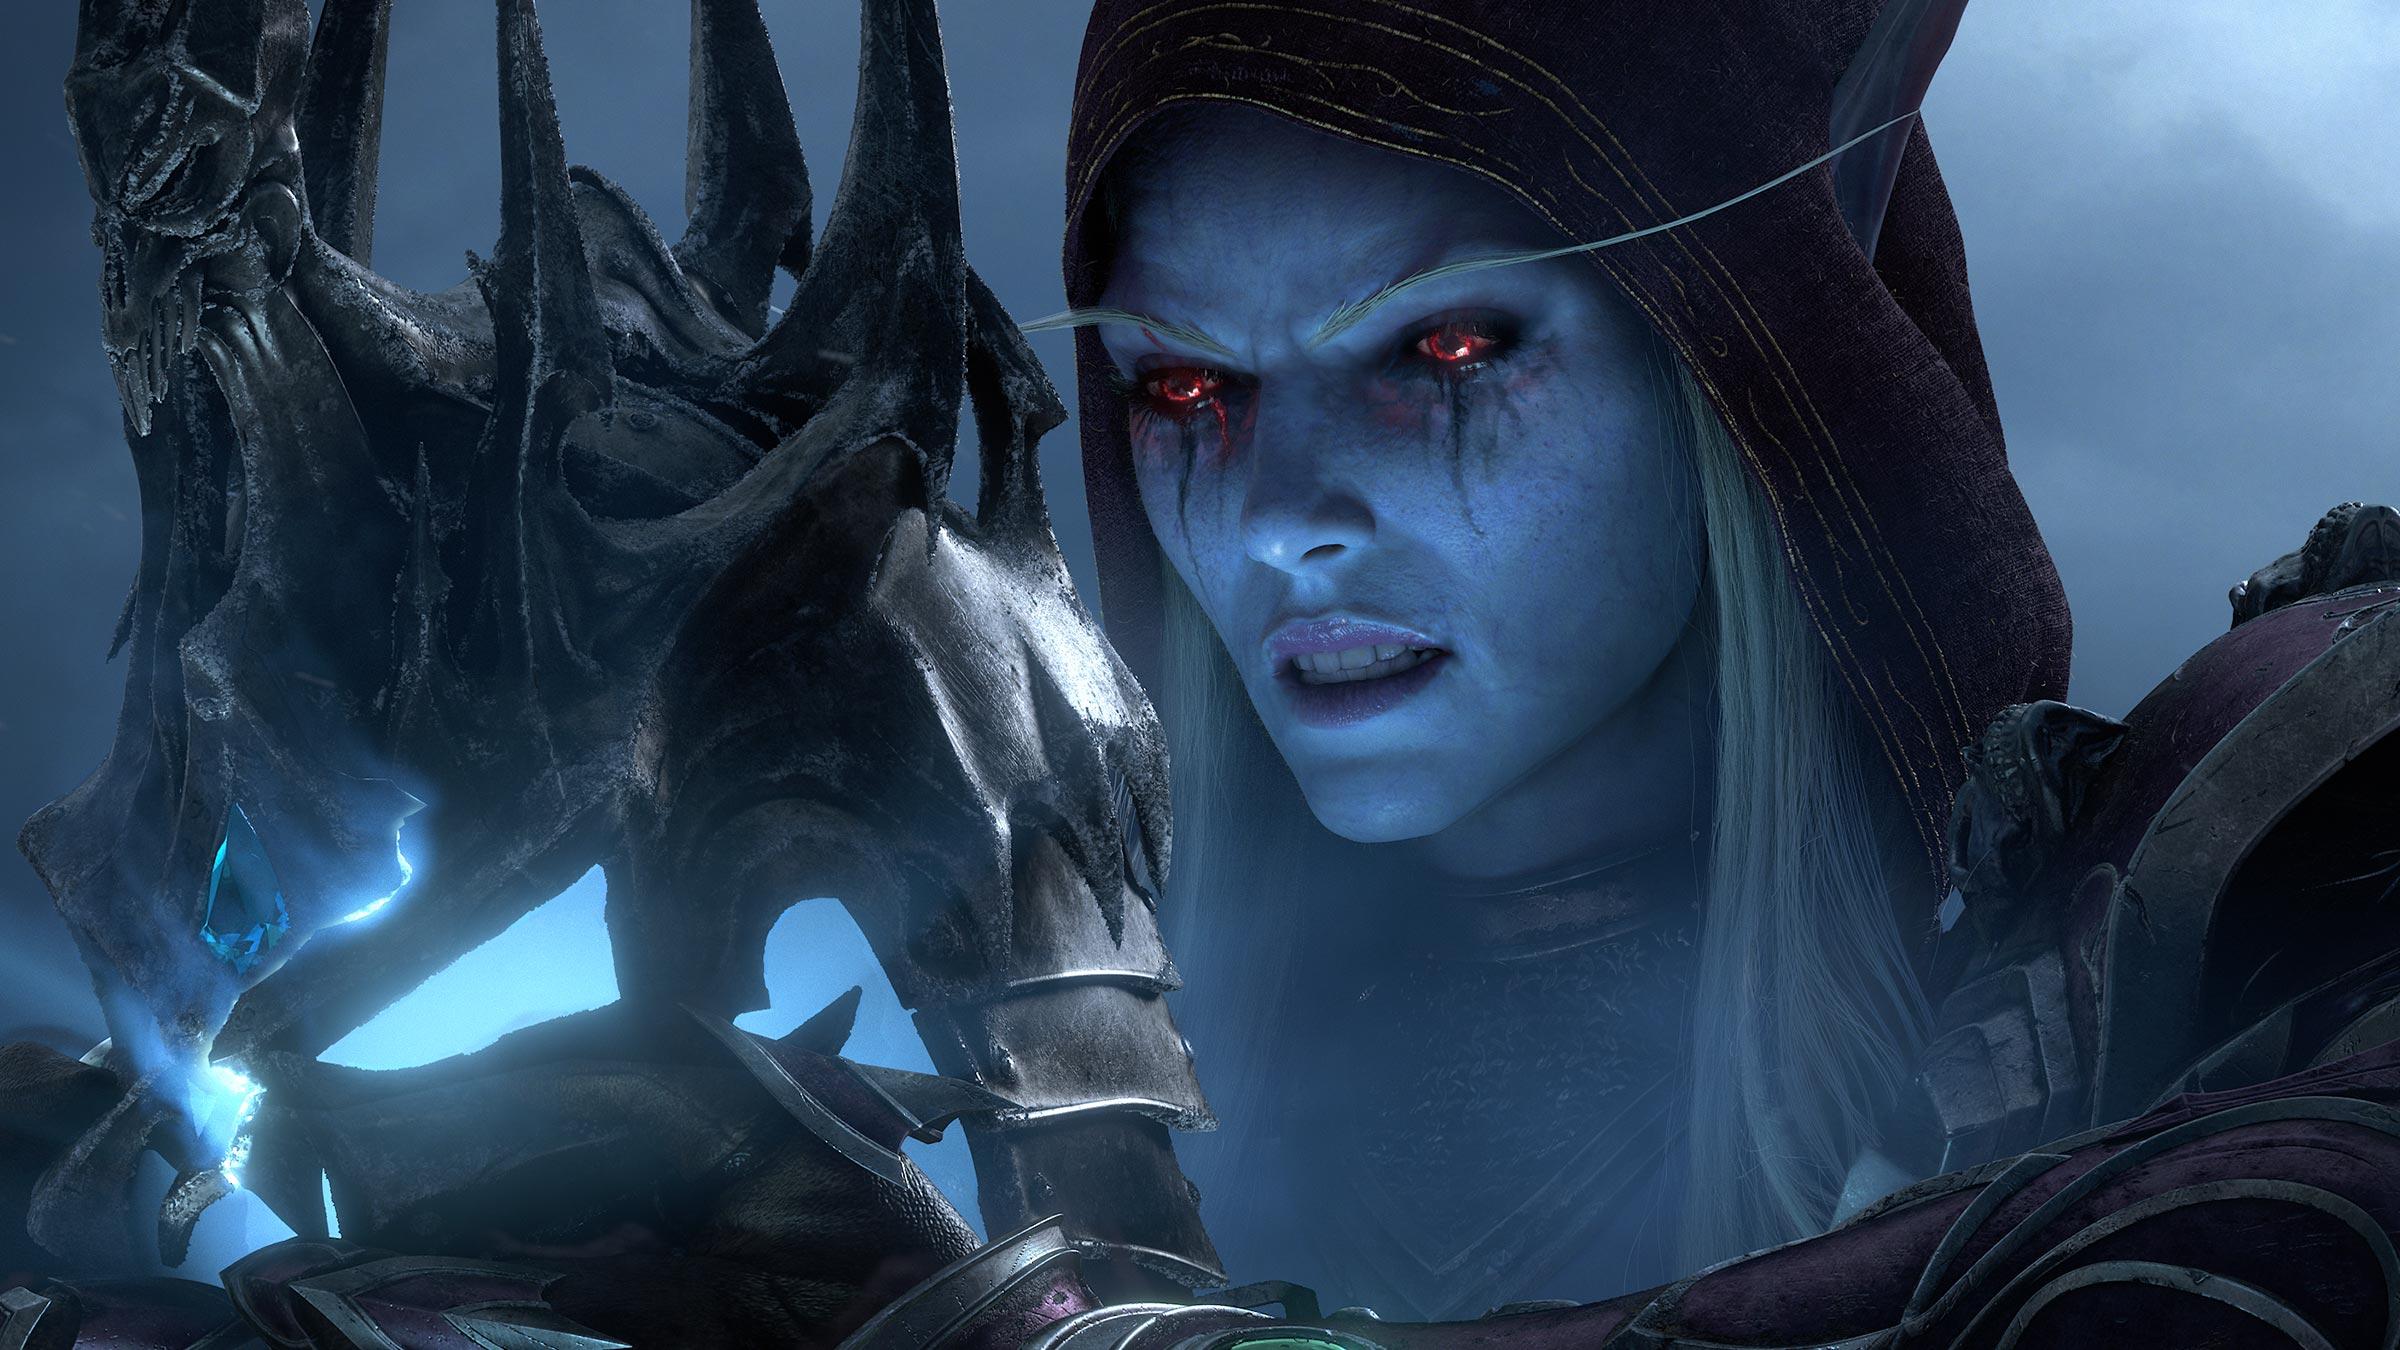 《魔兽世界:暗影国度》成魔兽史上预售销量最高资料片